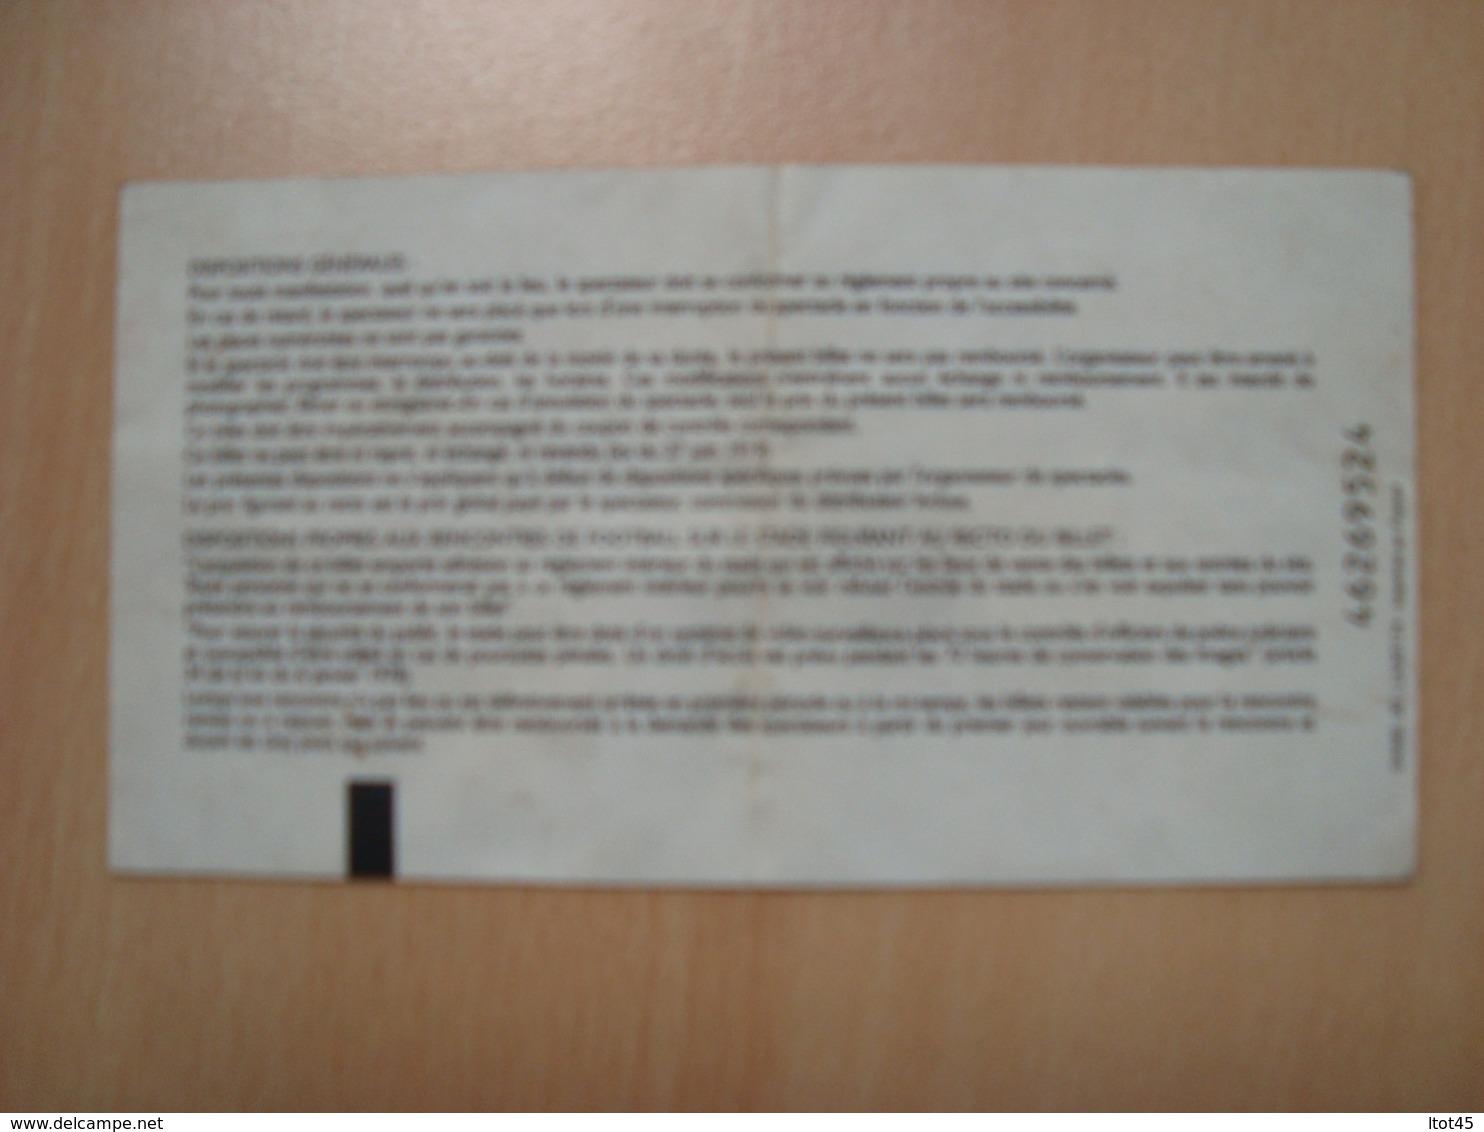 TICKET DE CONCERT INDOCHINE PARADIZE TOUR ACTE 3 PARIS BERCY 2003 - Tickets - Vouchers